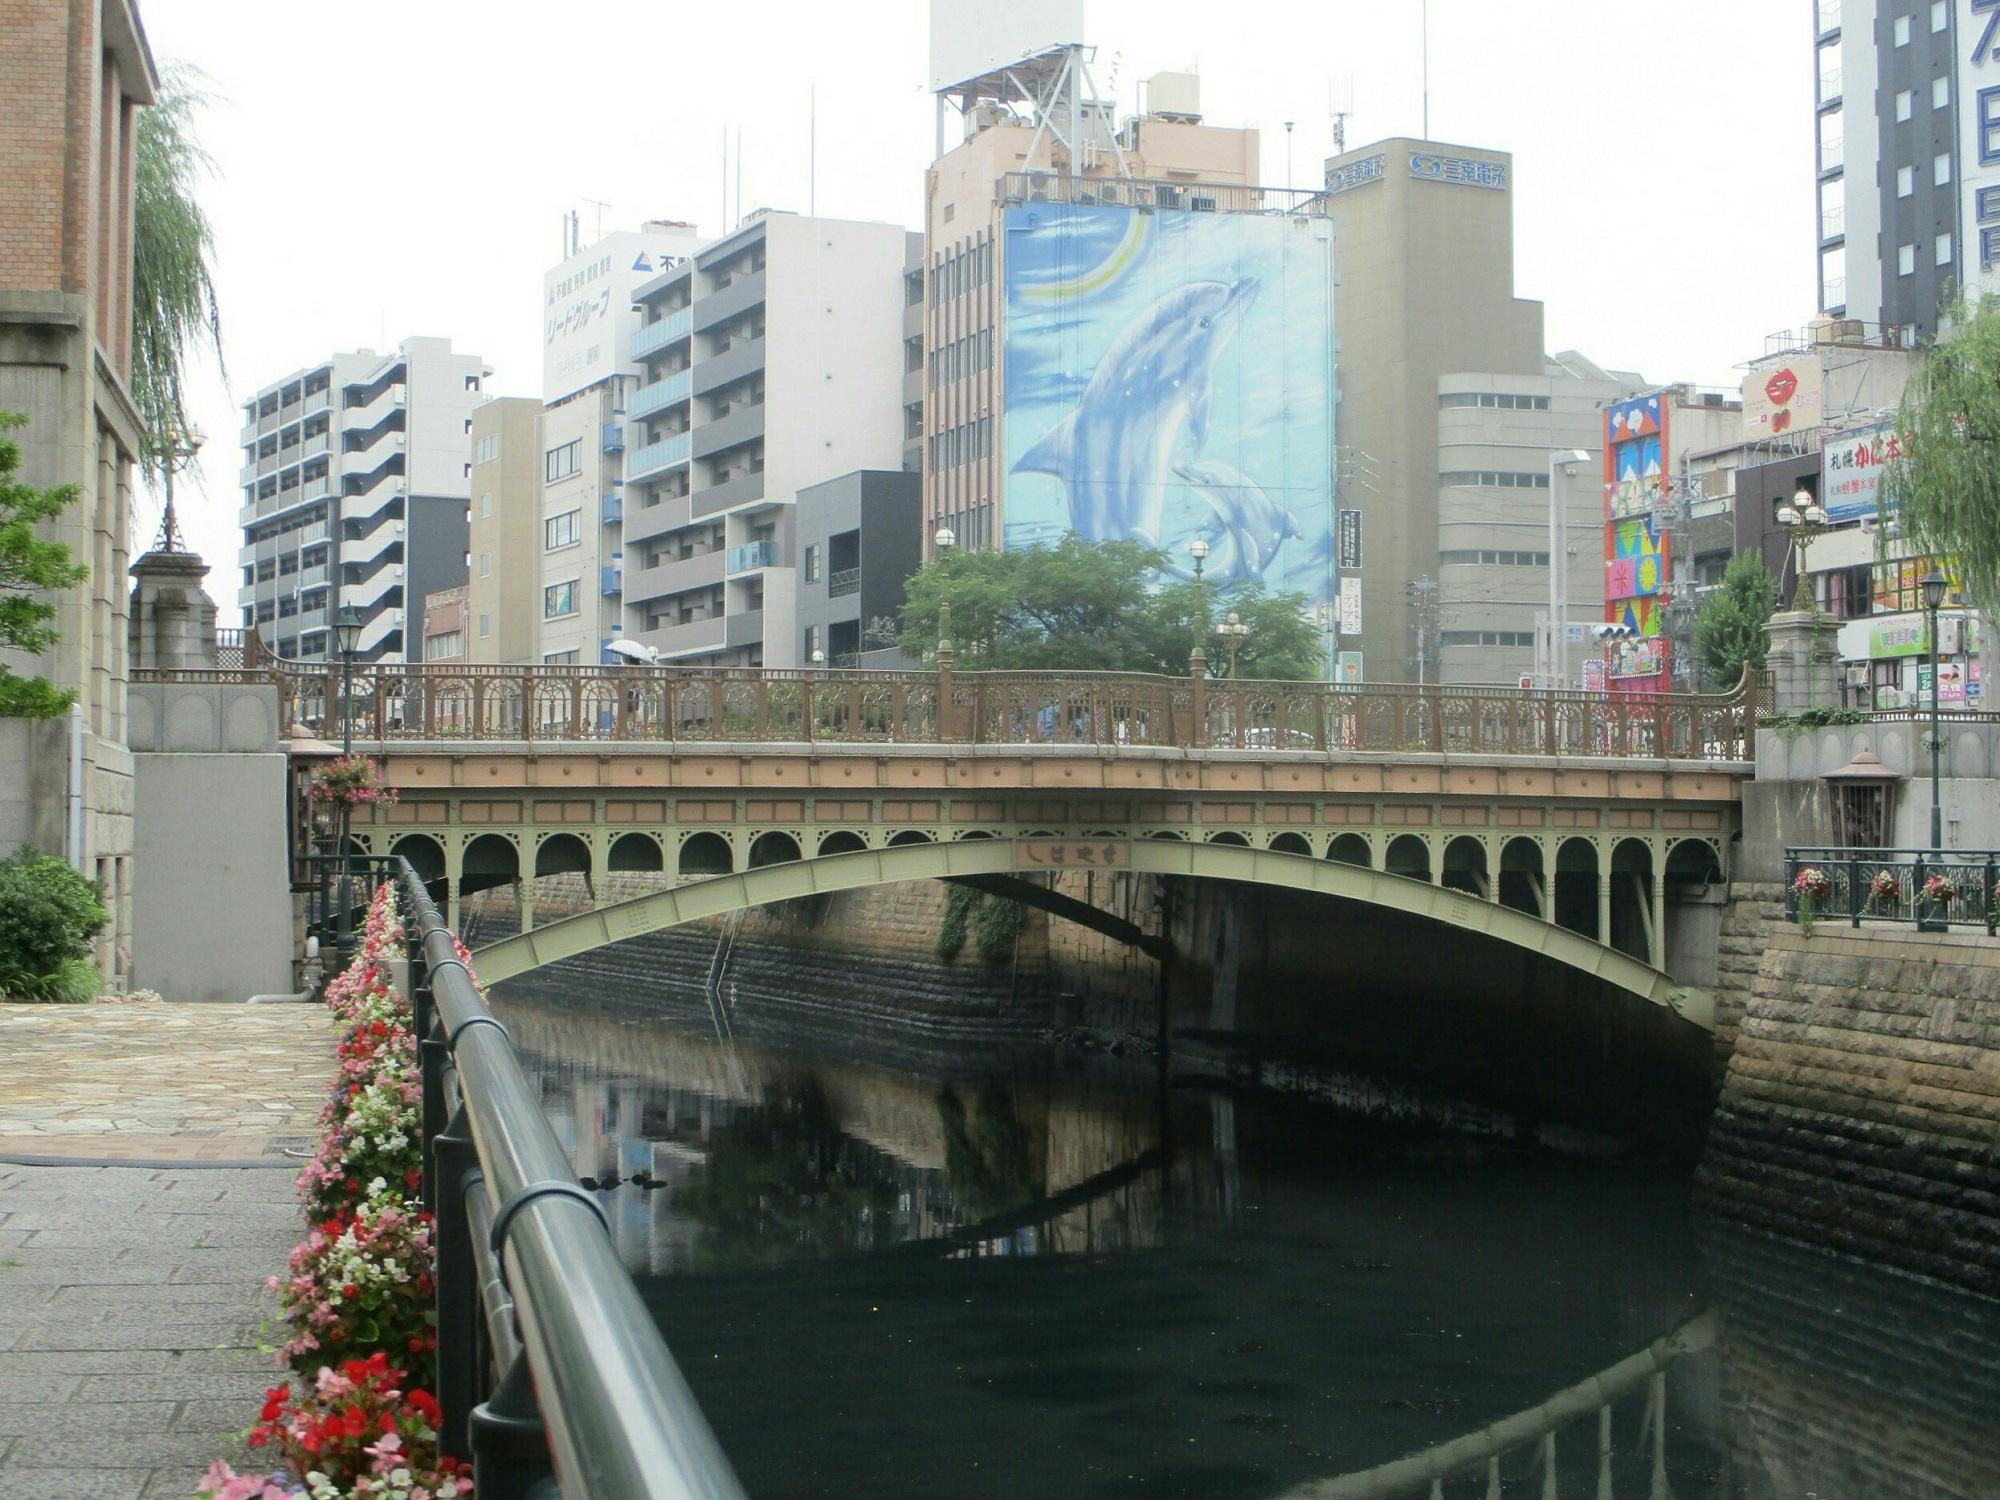 2019.7.3 (24) 堀川 - 納屋橋 2000-1500